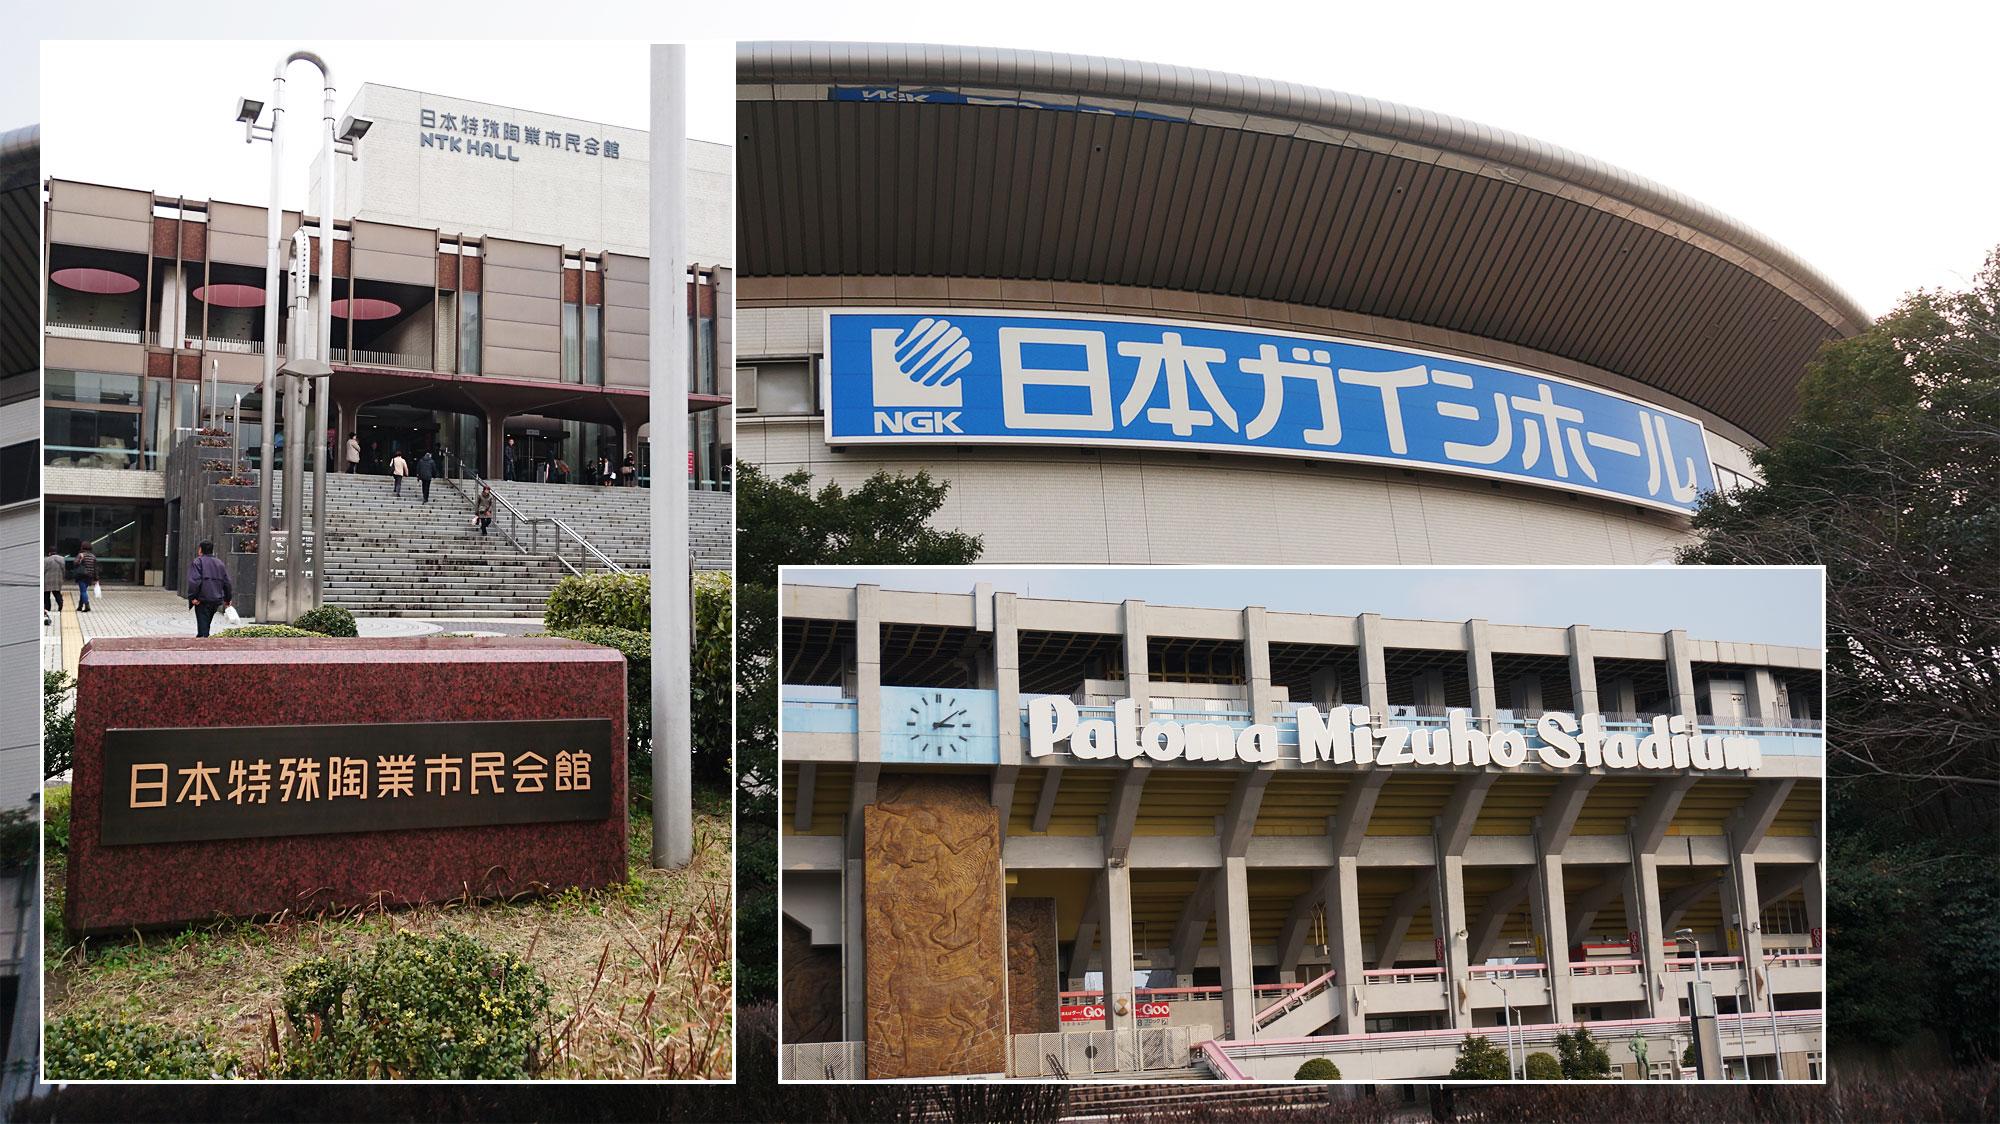 名古屋市の施設における提案型ネーミングライツの紹介